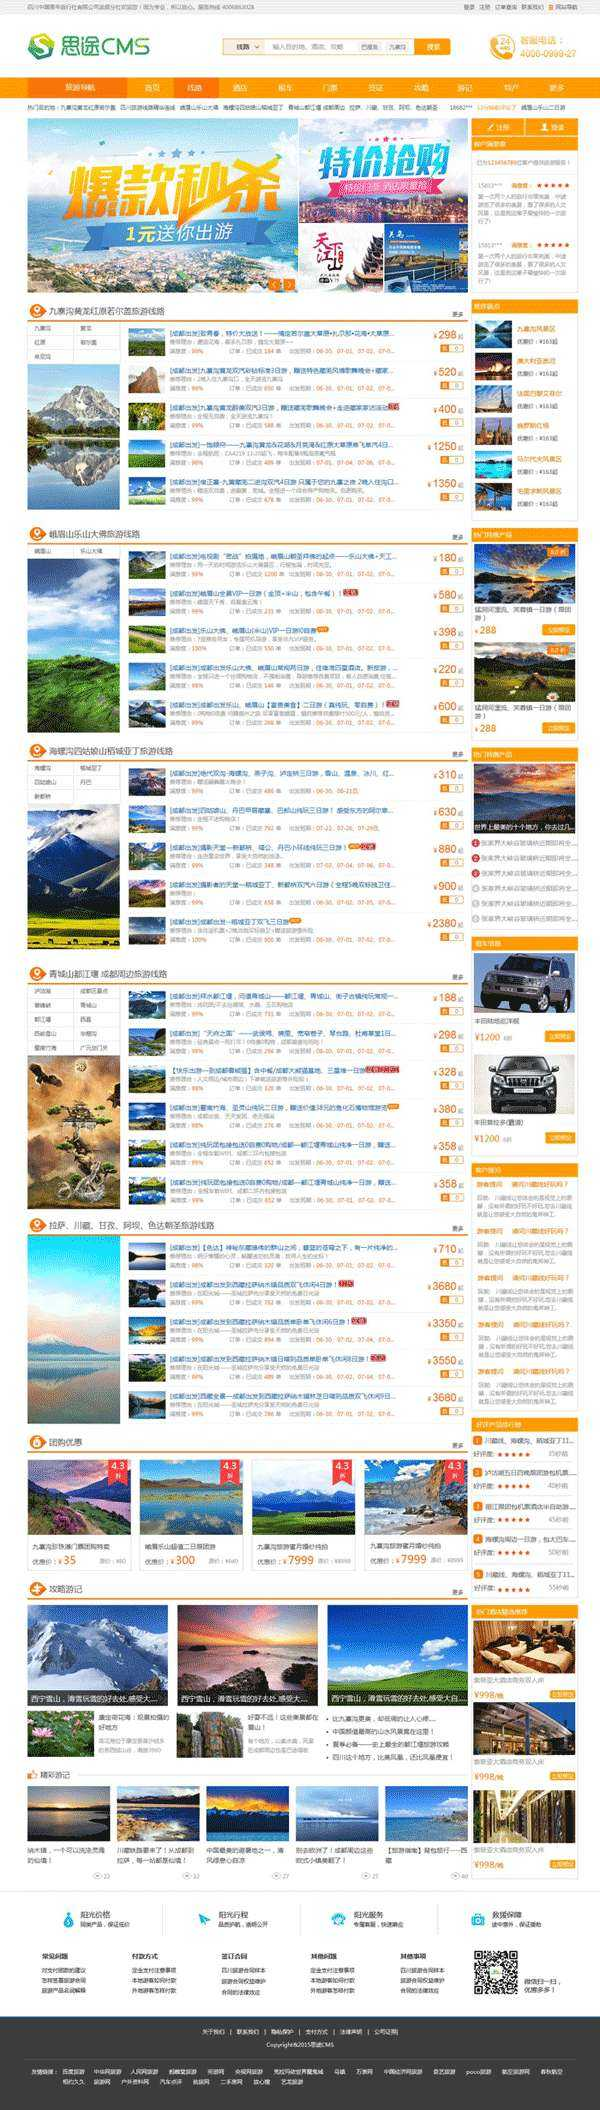 橙色的在线旅游预订网站首页模板psd素材